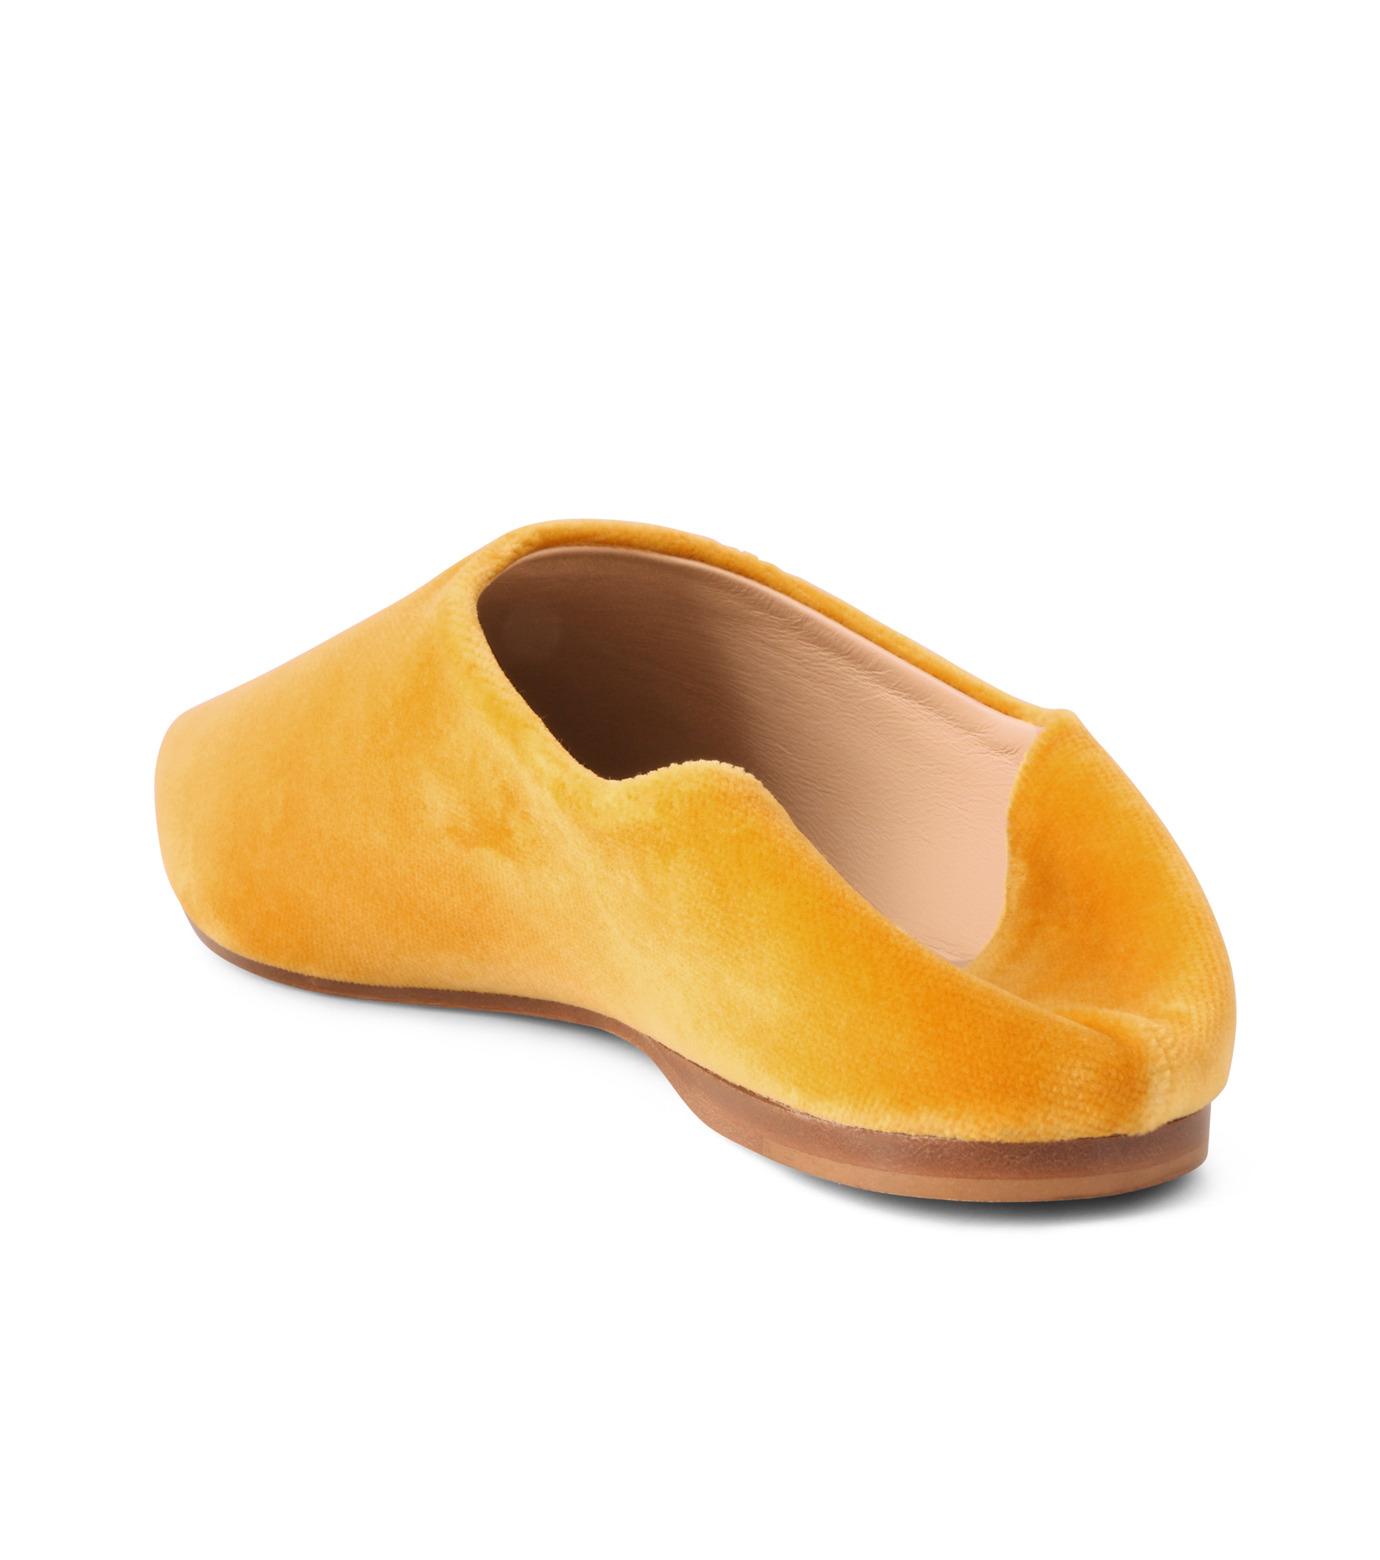 ACNE STUDIOS(アクネ ストゥディオズ)のSlipper Velvet-YELLOW(フラットシューズ/Flat shoes)-1EFC66-32 拡大詳細画像3